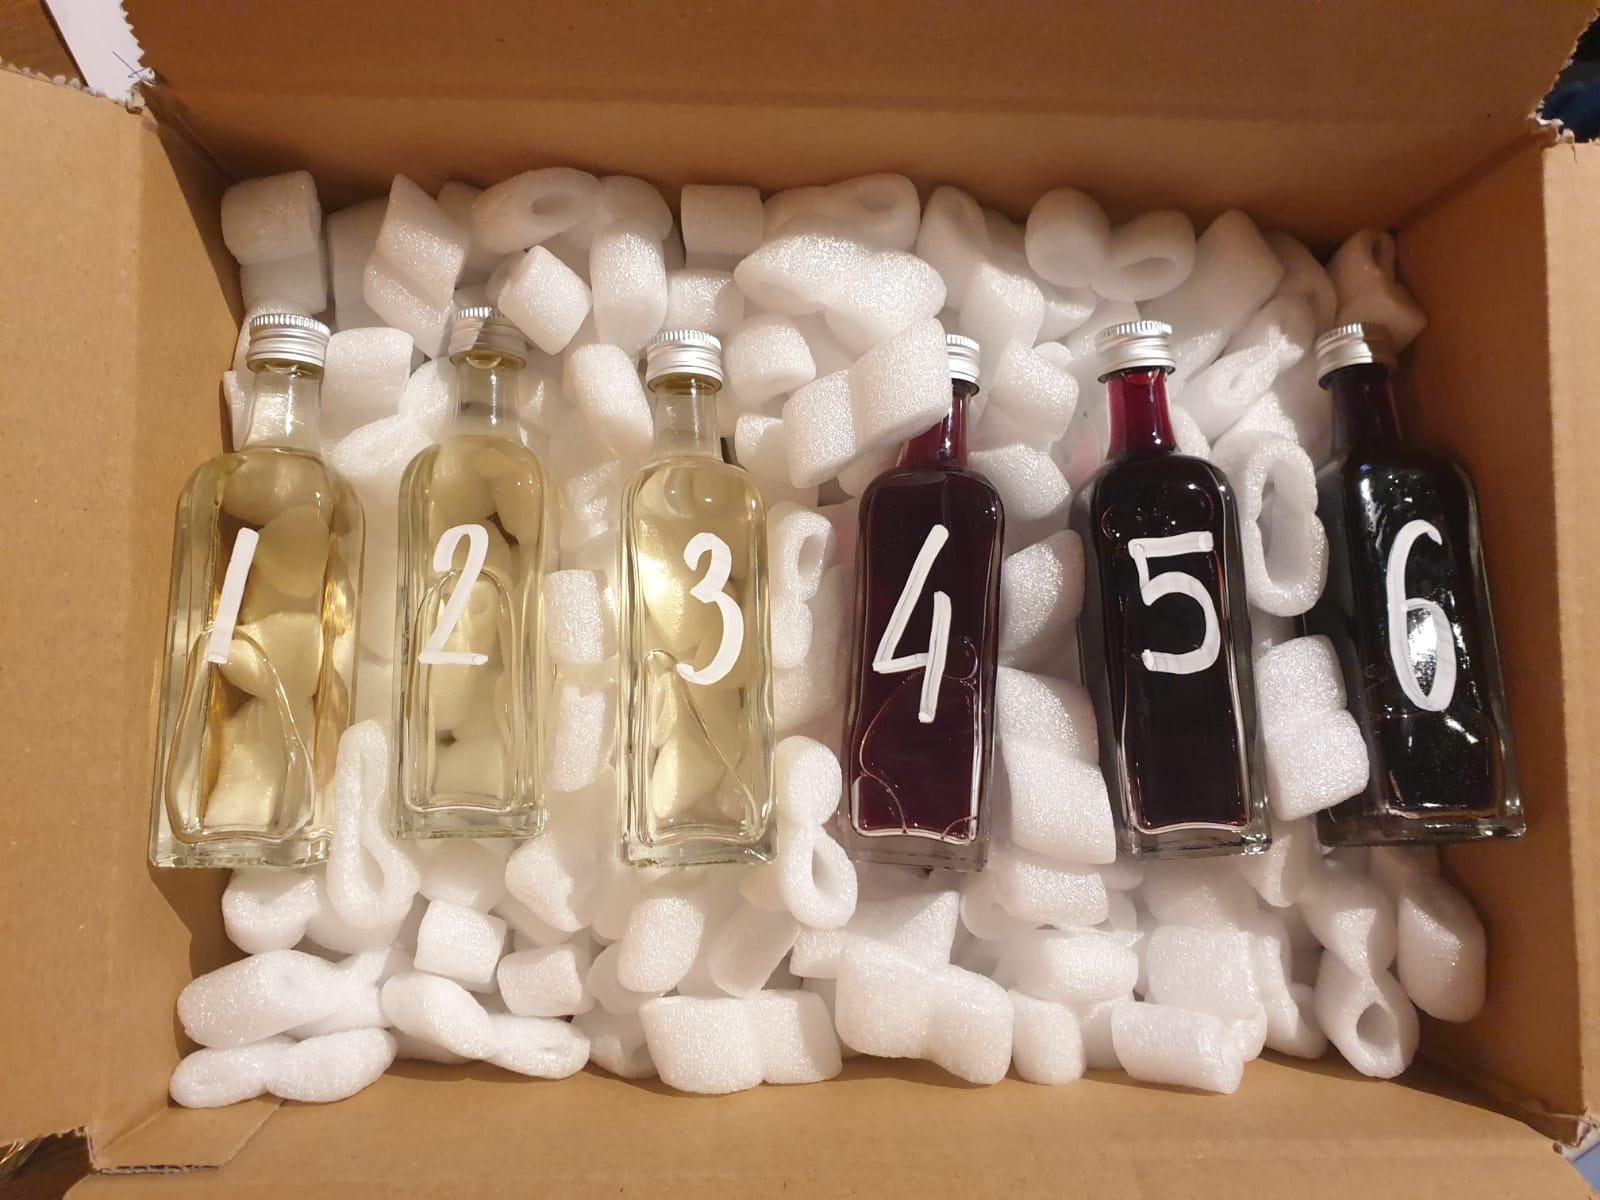 De proefeenheden voor de online wijnproeverij.